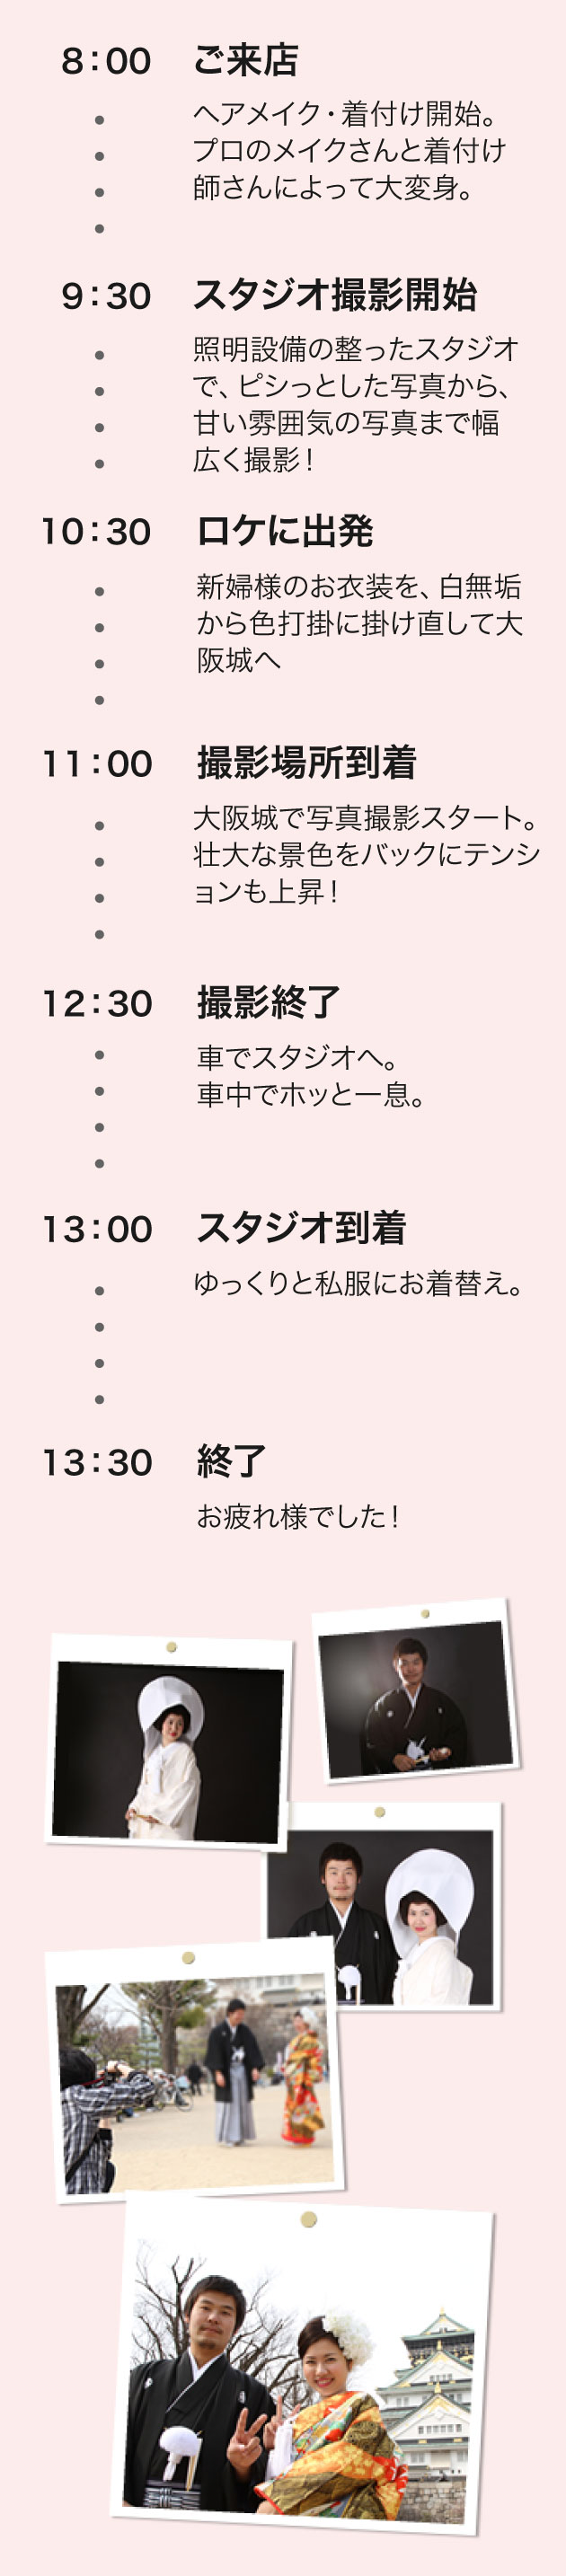 ロケーション&スタジオ撮影